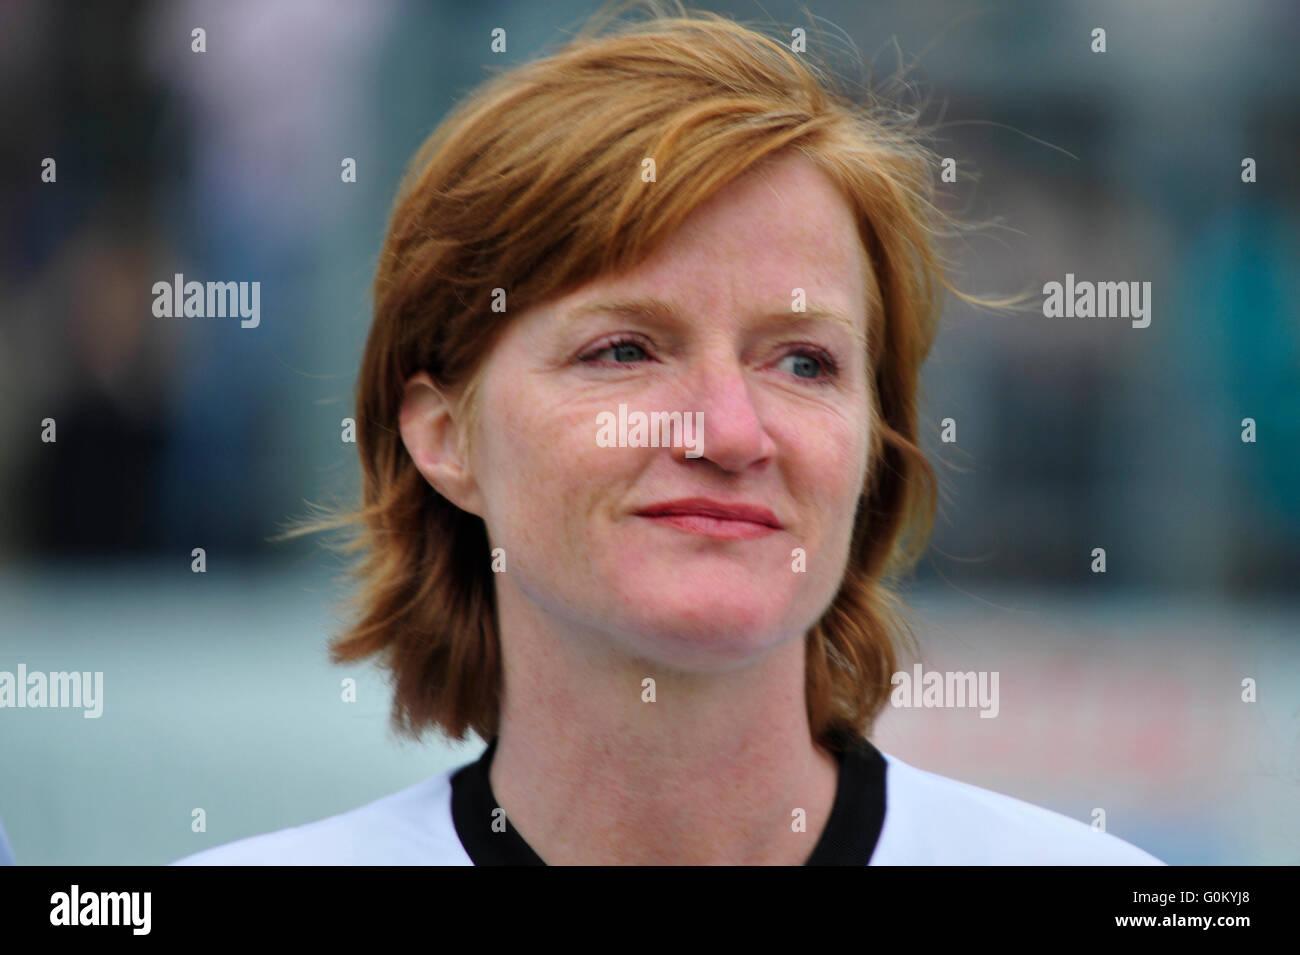 Deutschland, Hamburg, Benefiz-Fußballspiel 'Kicken mit Herz', SC Victoria: Schauspielerin Nina Petri. - Stock Image